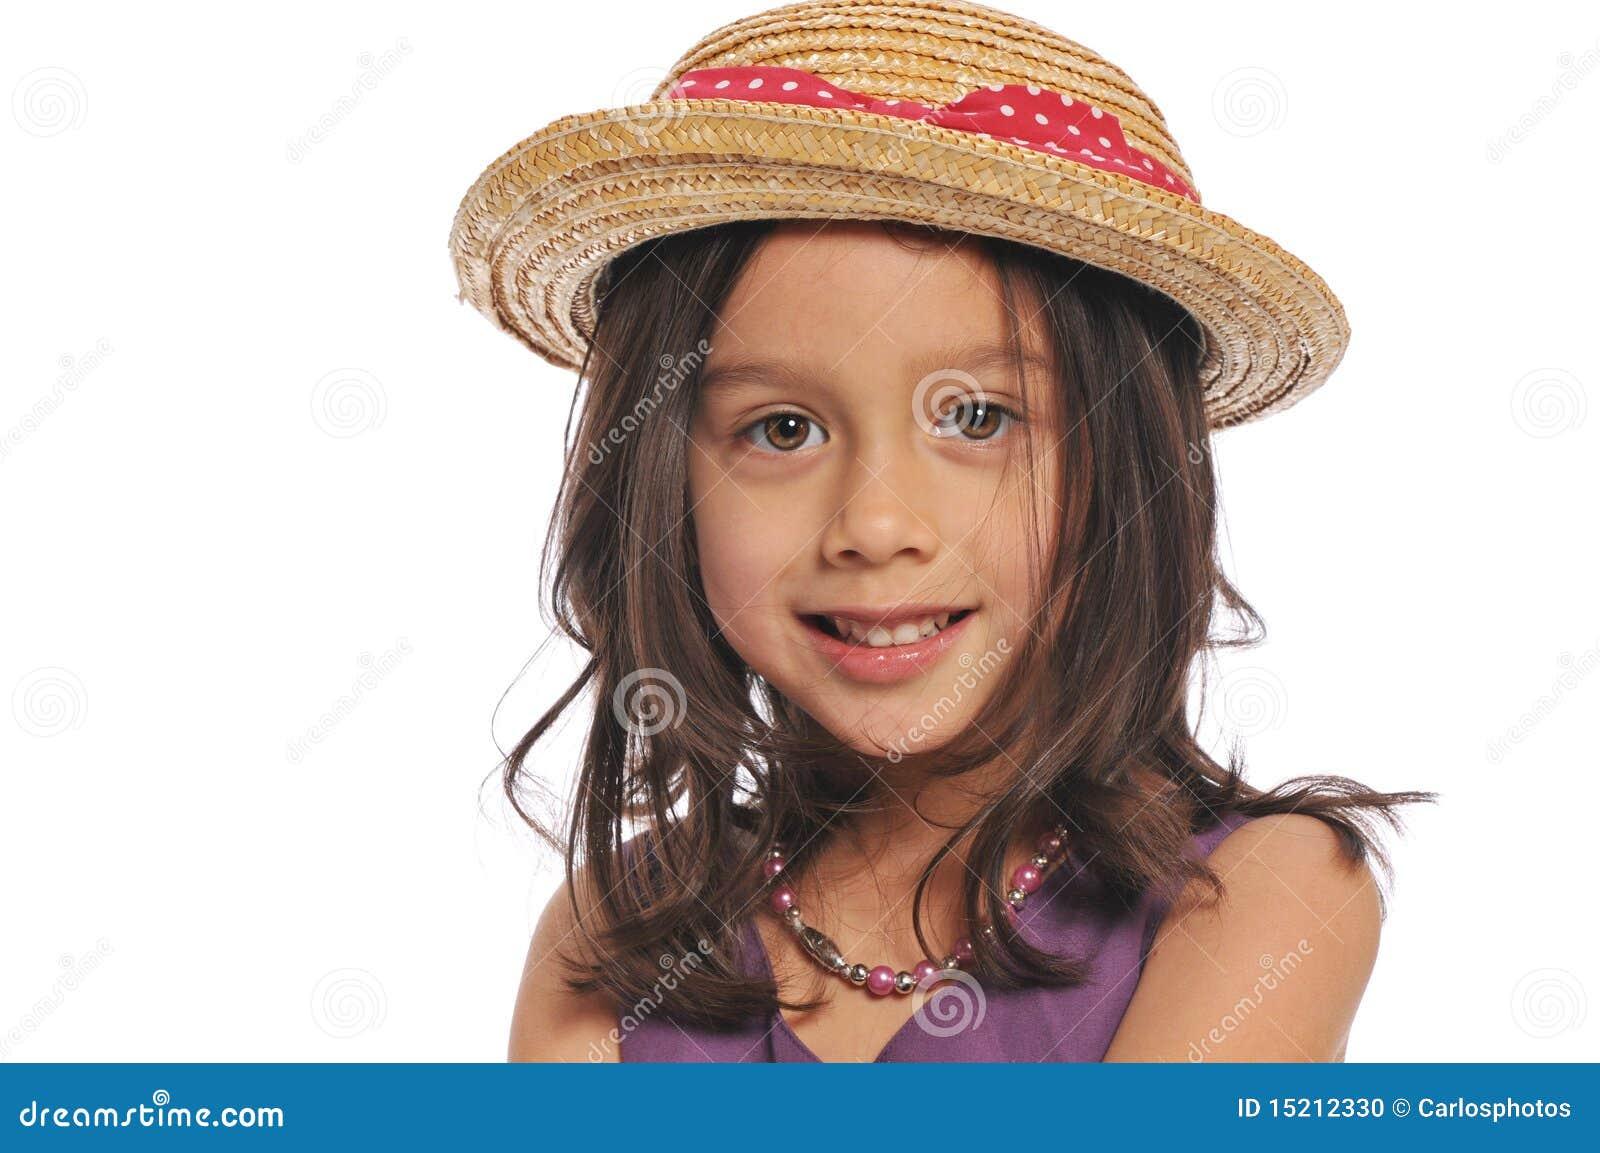 Portrait des kleinen Mädchens